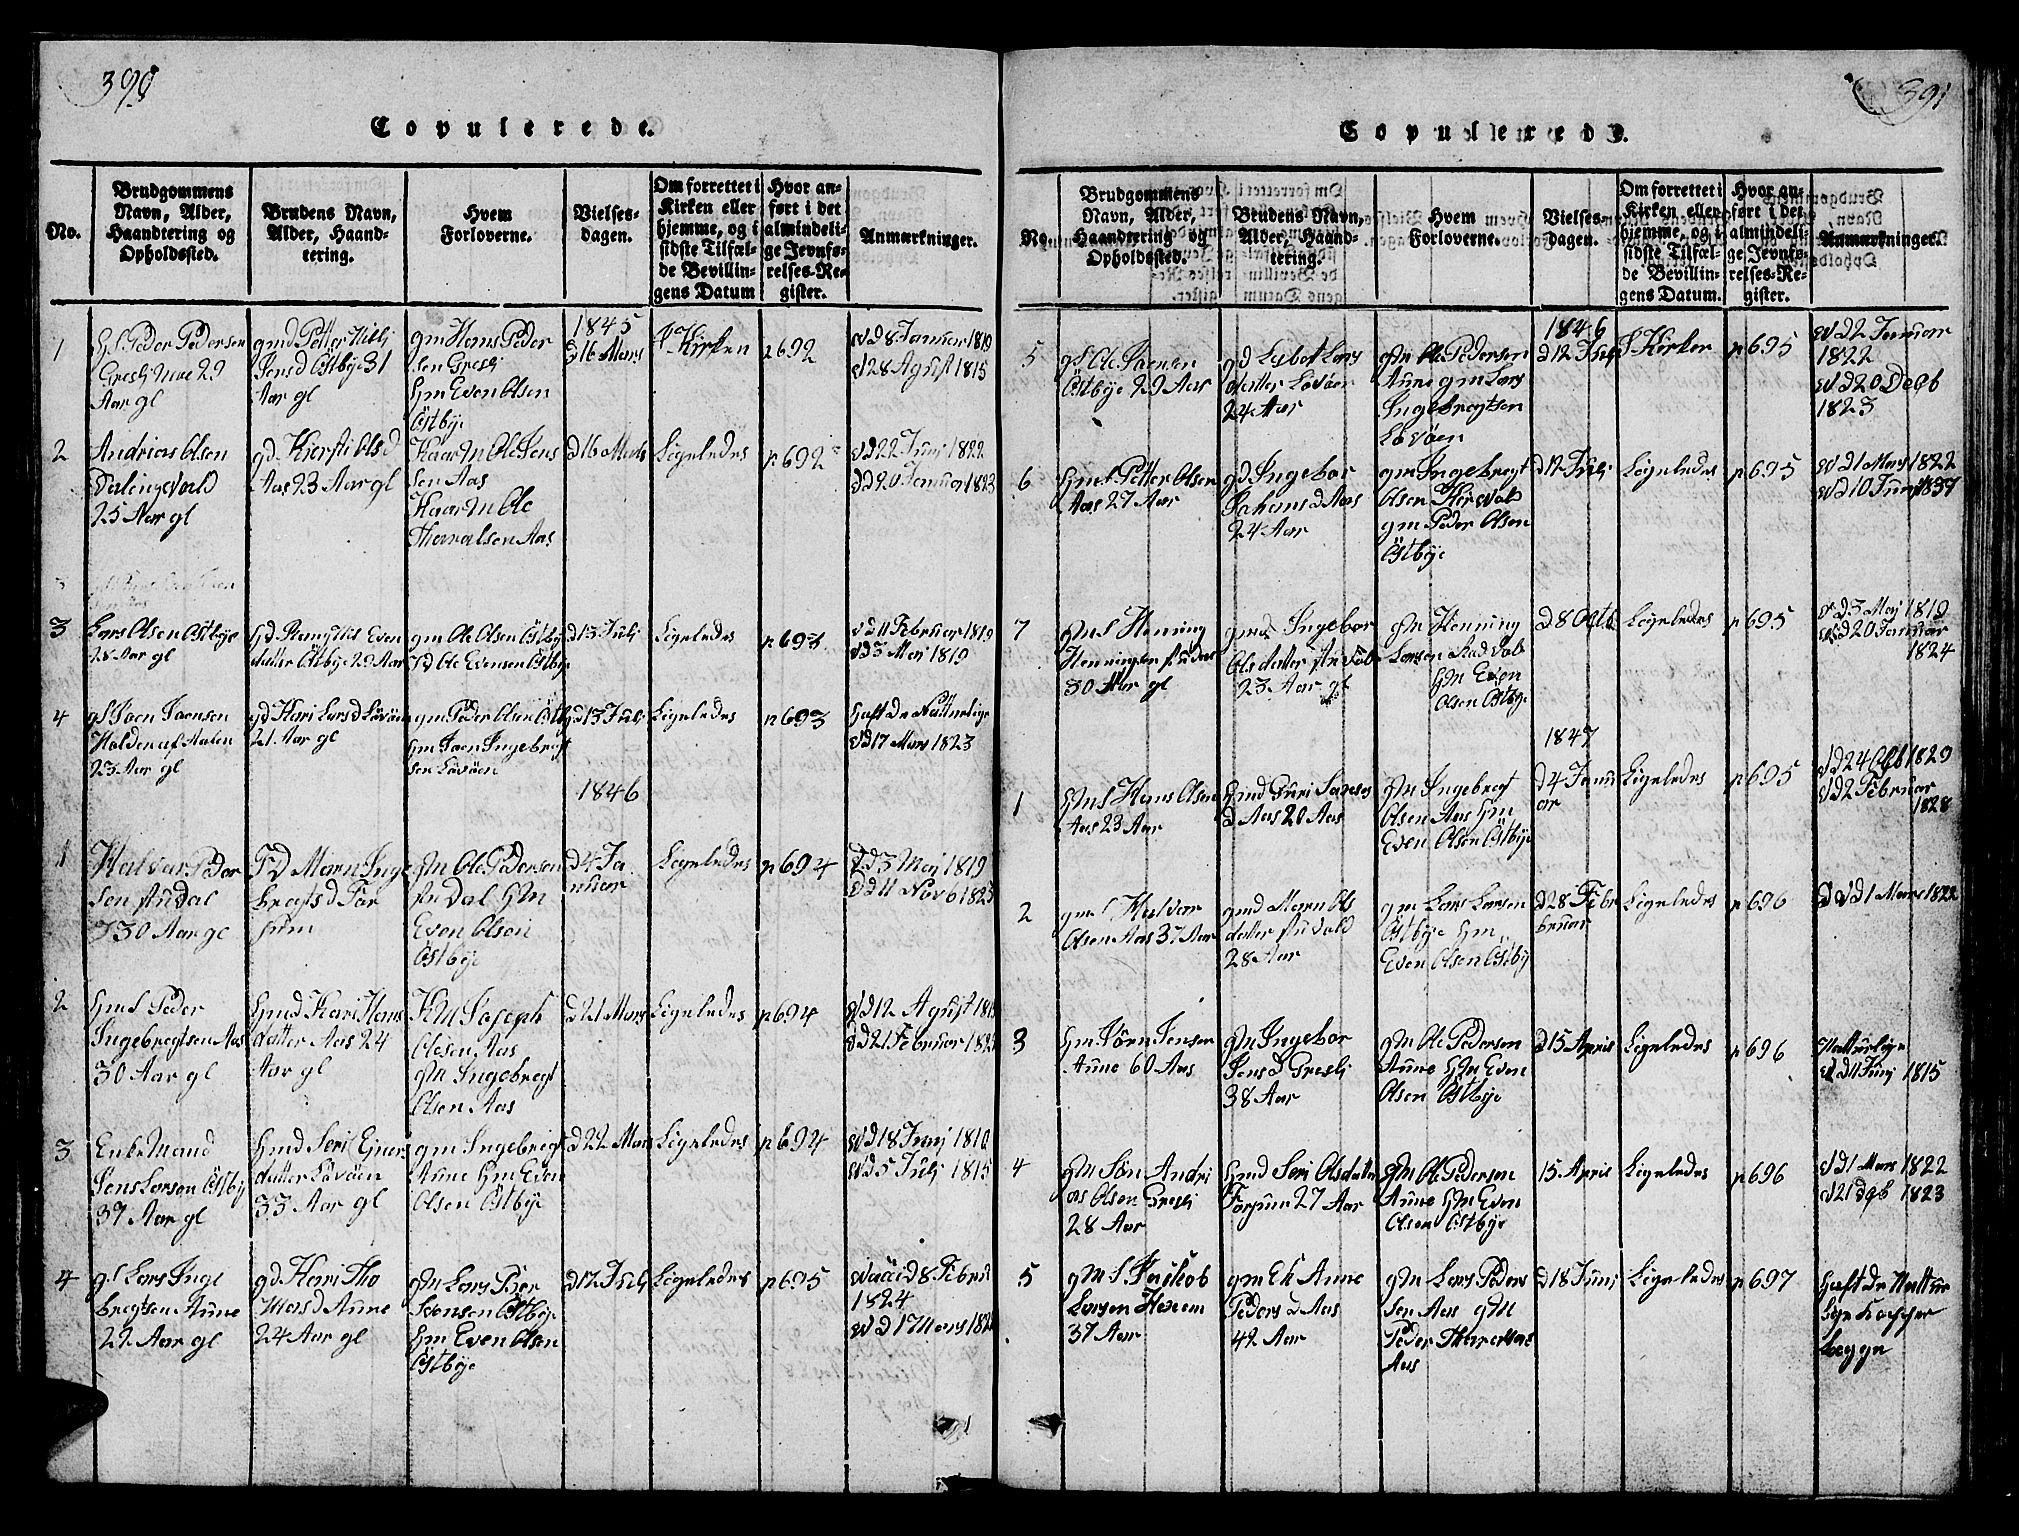 SAT, Ministerialprotokoller, klokkerbøker og fødselsregistre - Sør-Trøndelag, 698/L1164: Klokkerbok nr. 698C01, 1816-1861, s. 390-391